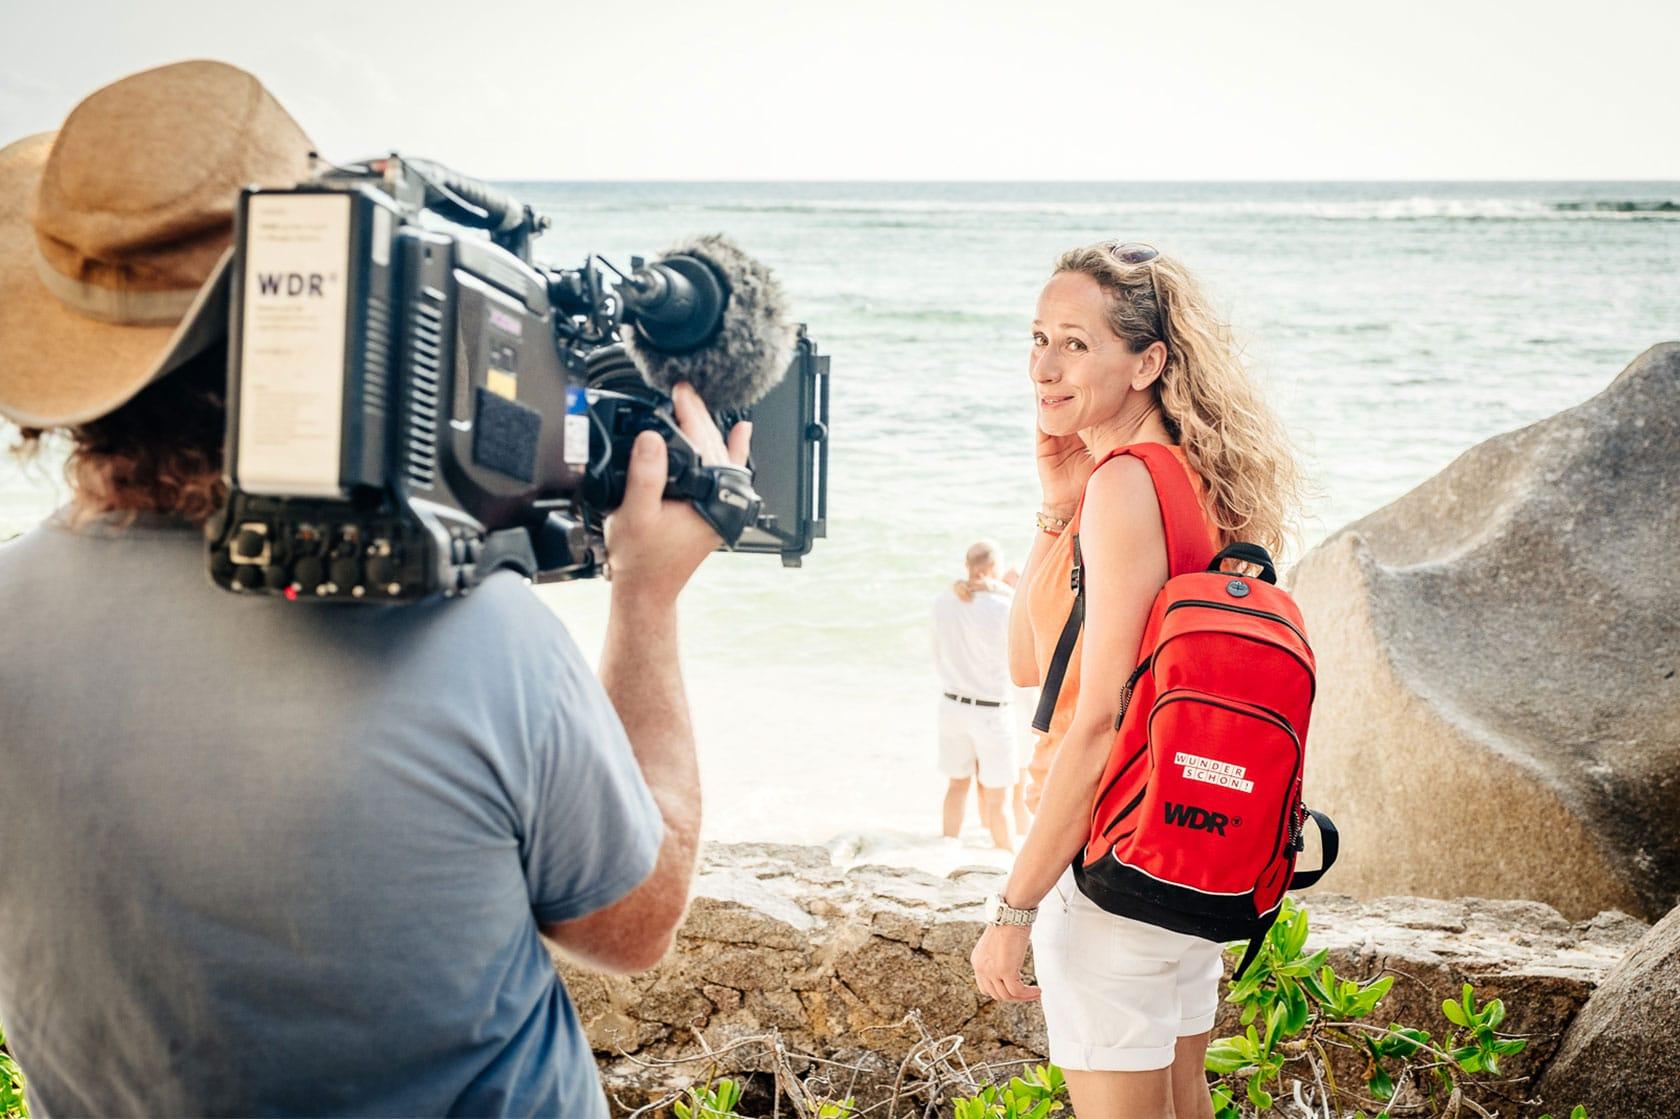 hochzeit seychellen beitrag 2019